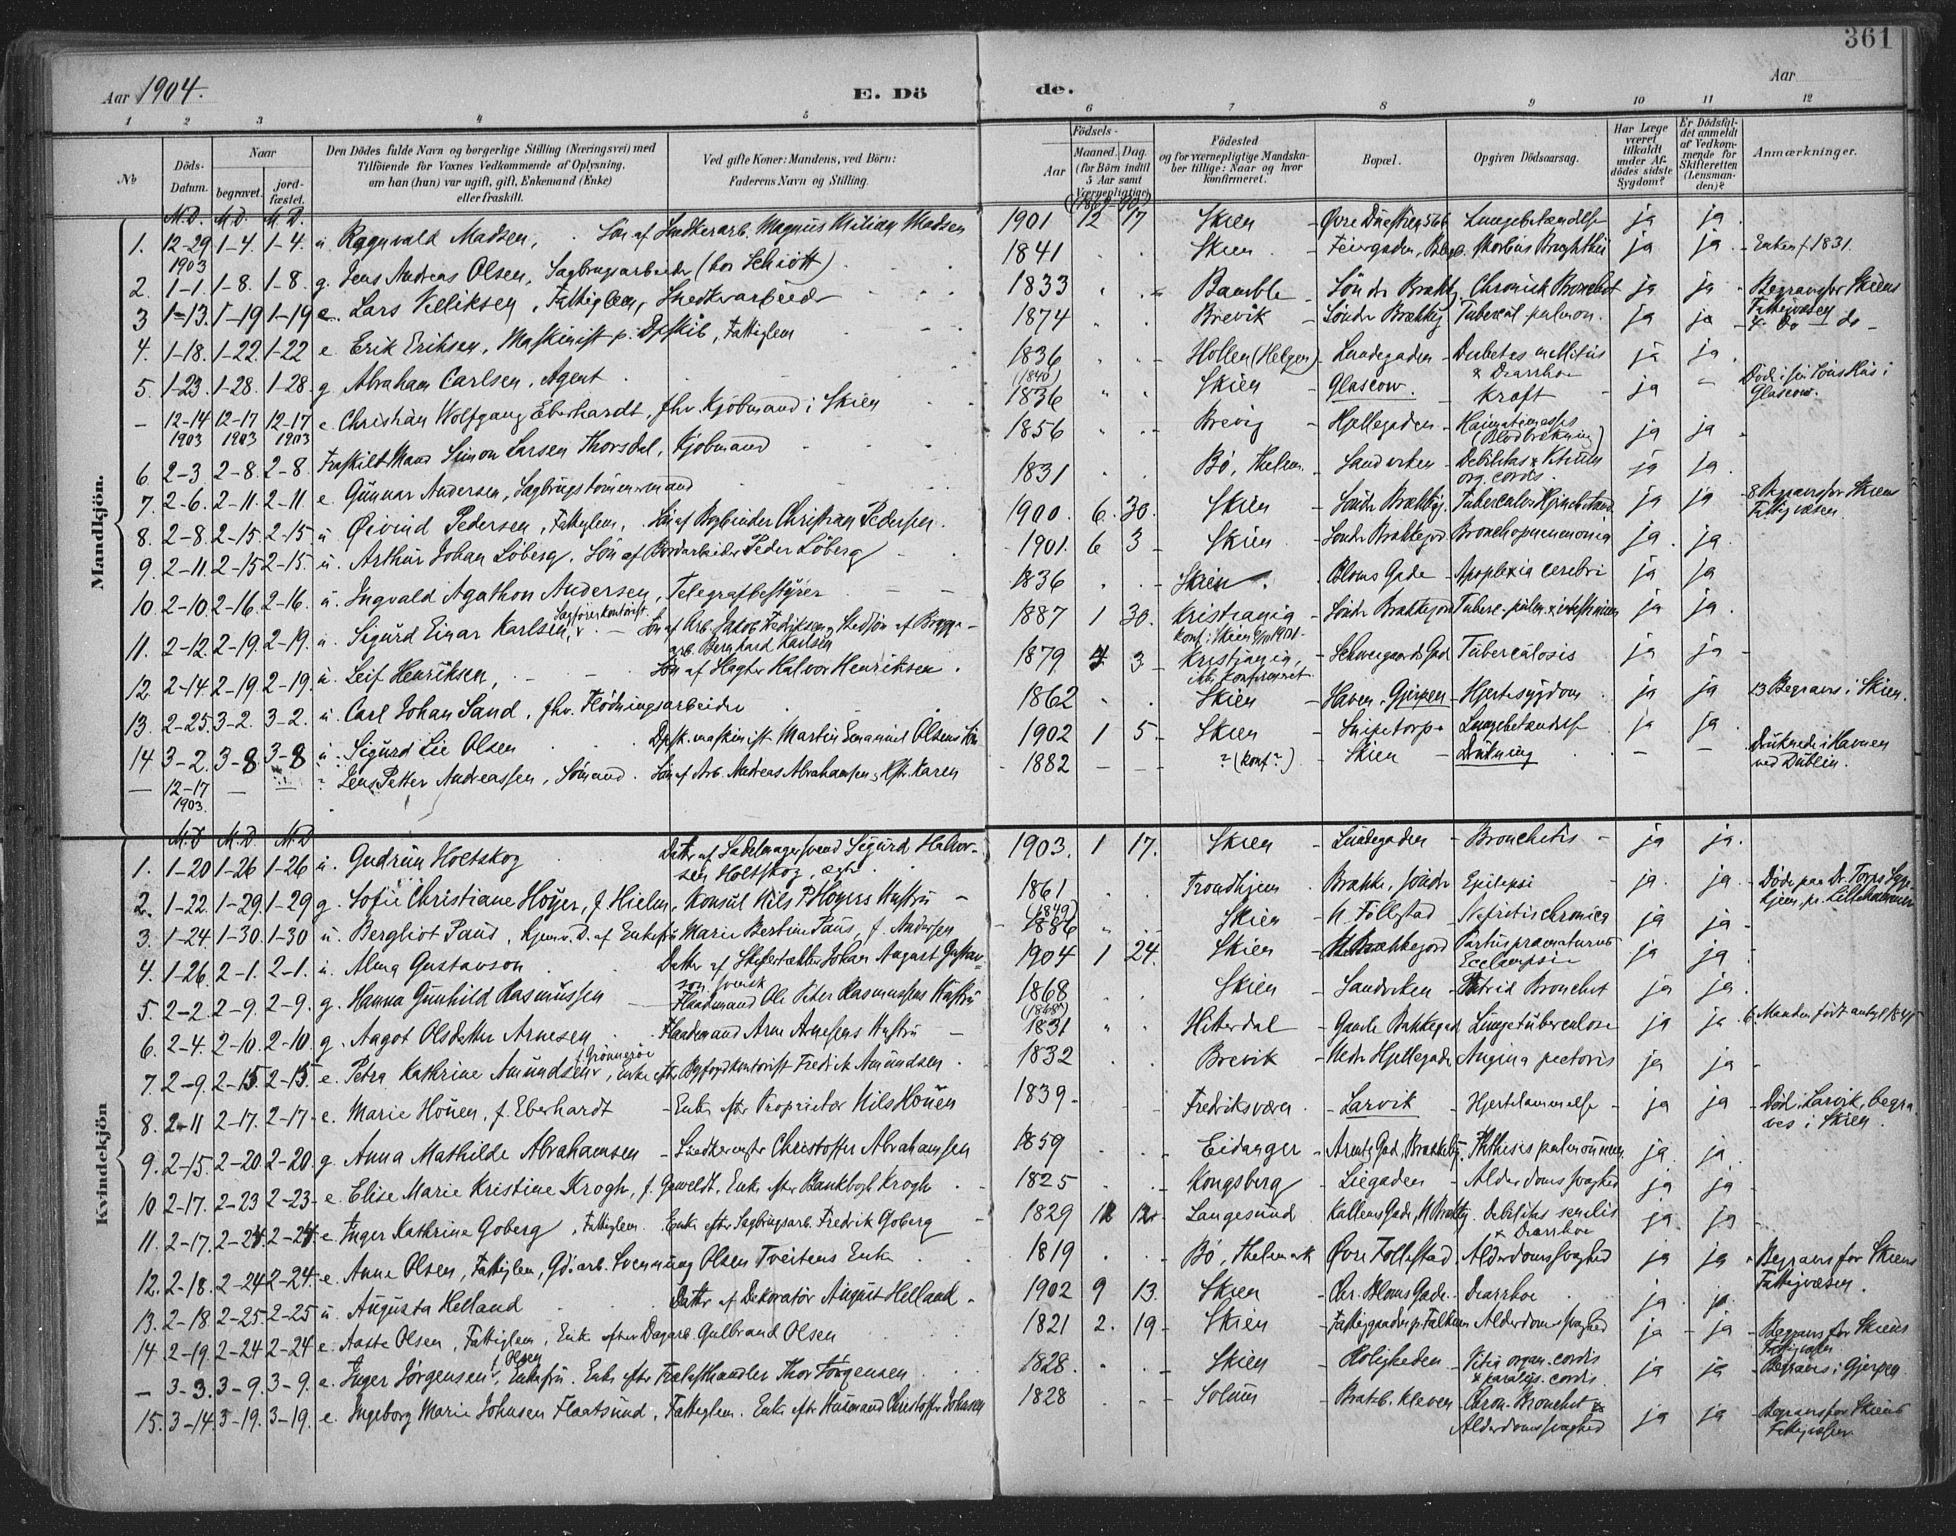 SAKO, Skien kirkebøker, F/Fa/L0011: Ministerialbok nr. 11, 1900-1907, s. 361